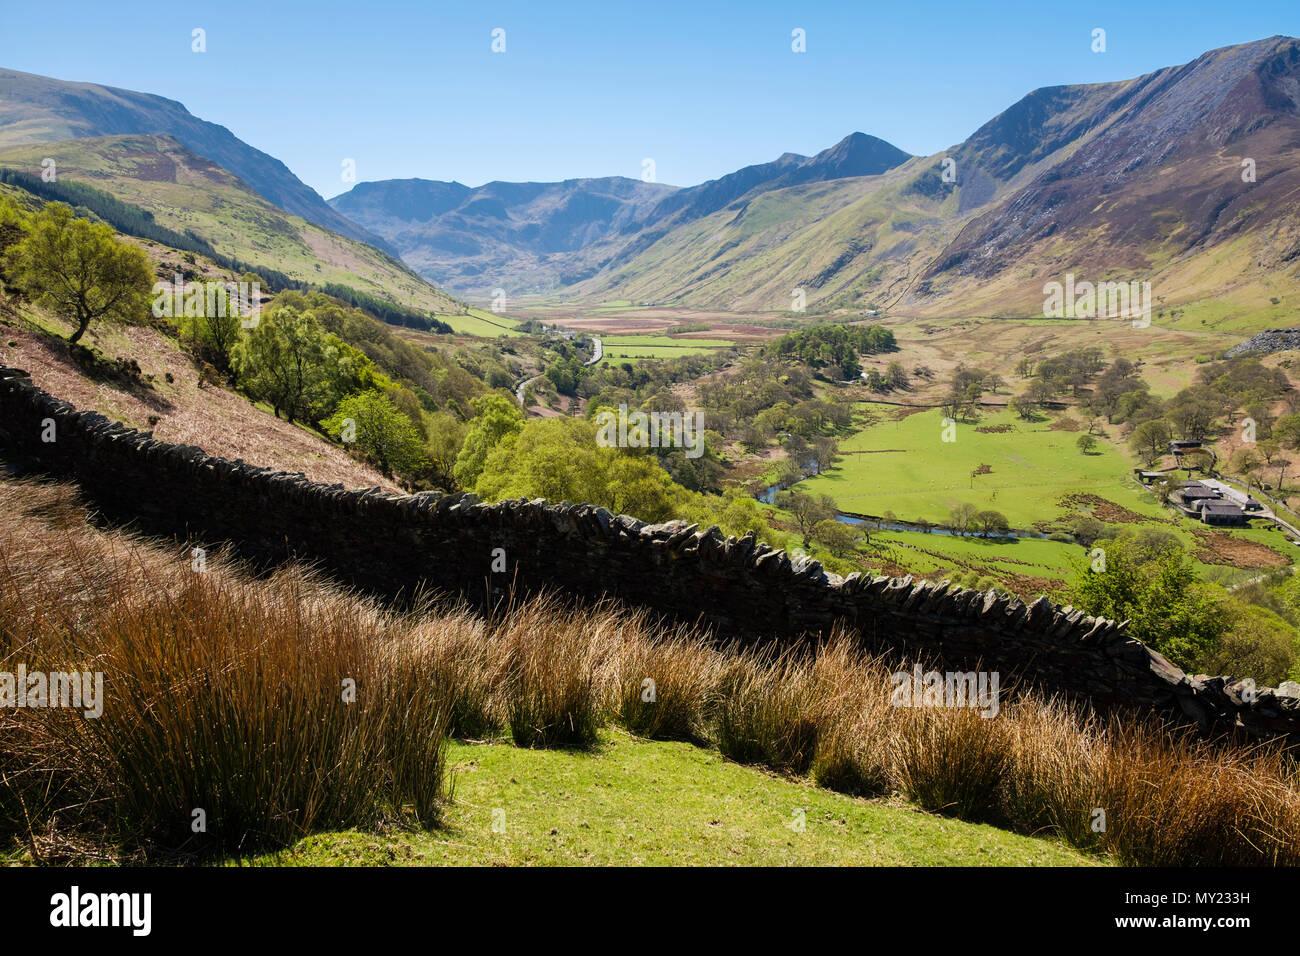 Ver arriba Nant Ffrancon valle hasta las montañas del Parque Nacional de Snowdonia en verano. Bethesda, Gwynedd, al norte de Gales, Reino Unido, Gran Bretaña Imagen De Stock